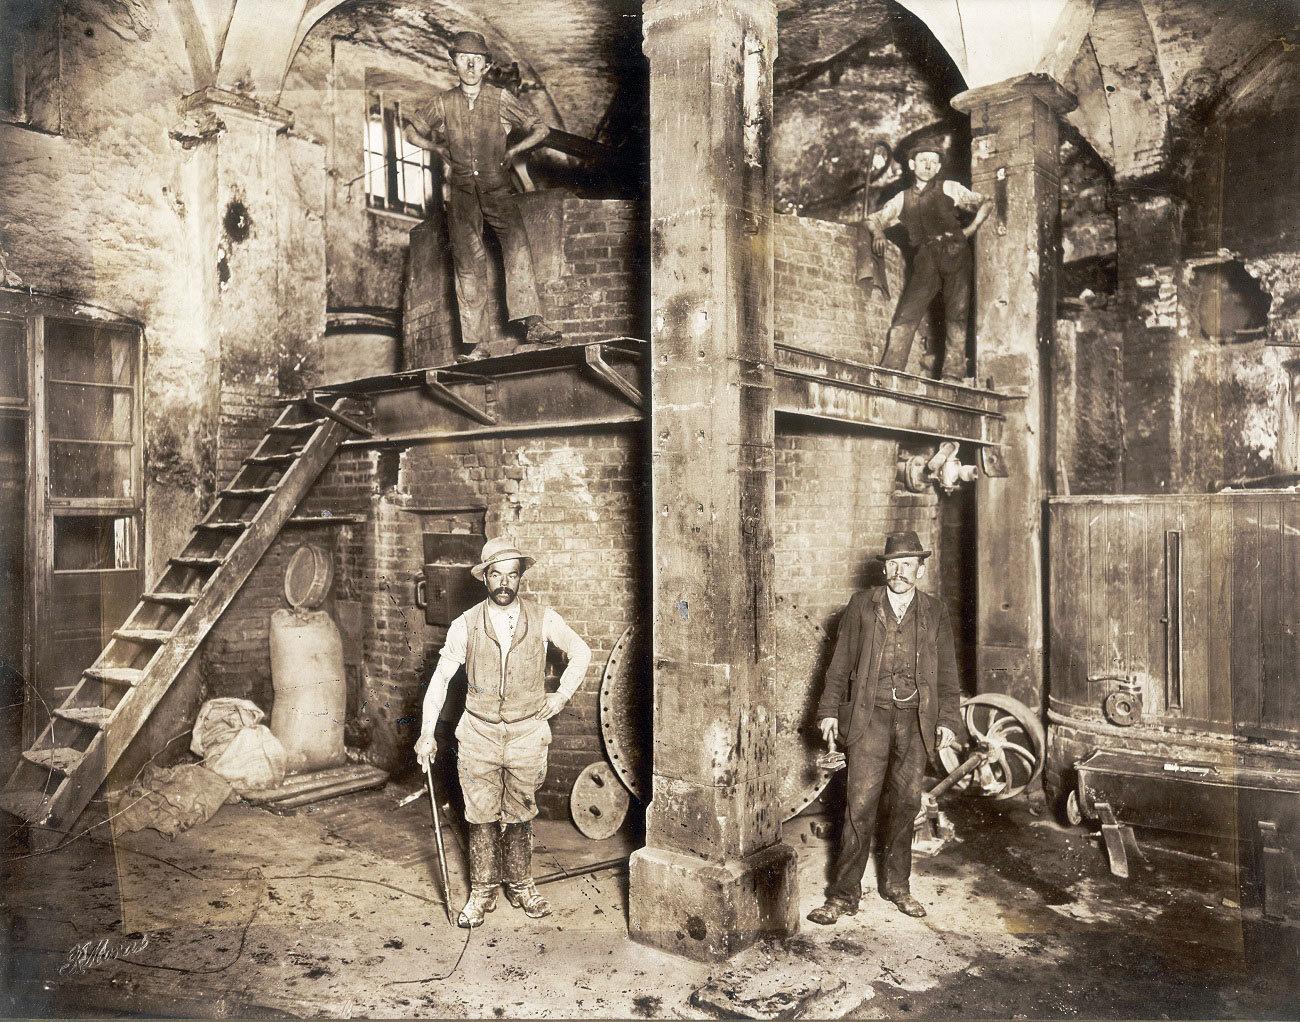 Arbeiter der Brauerei Hoepfner, um 1900